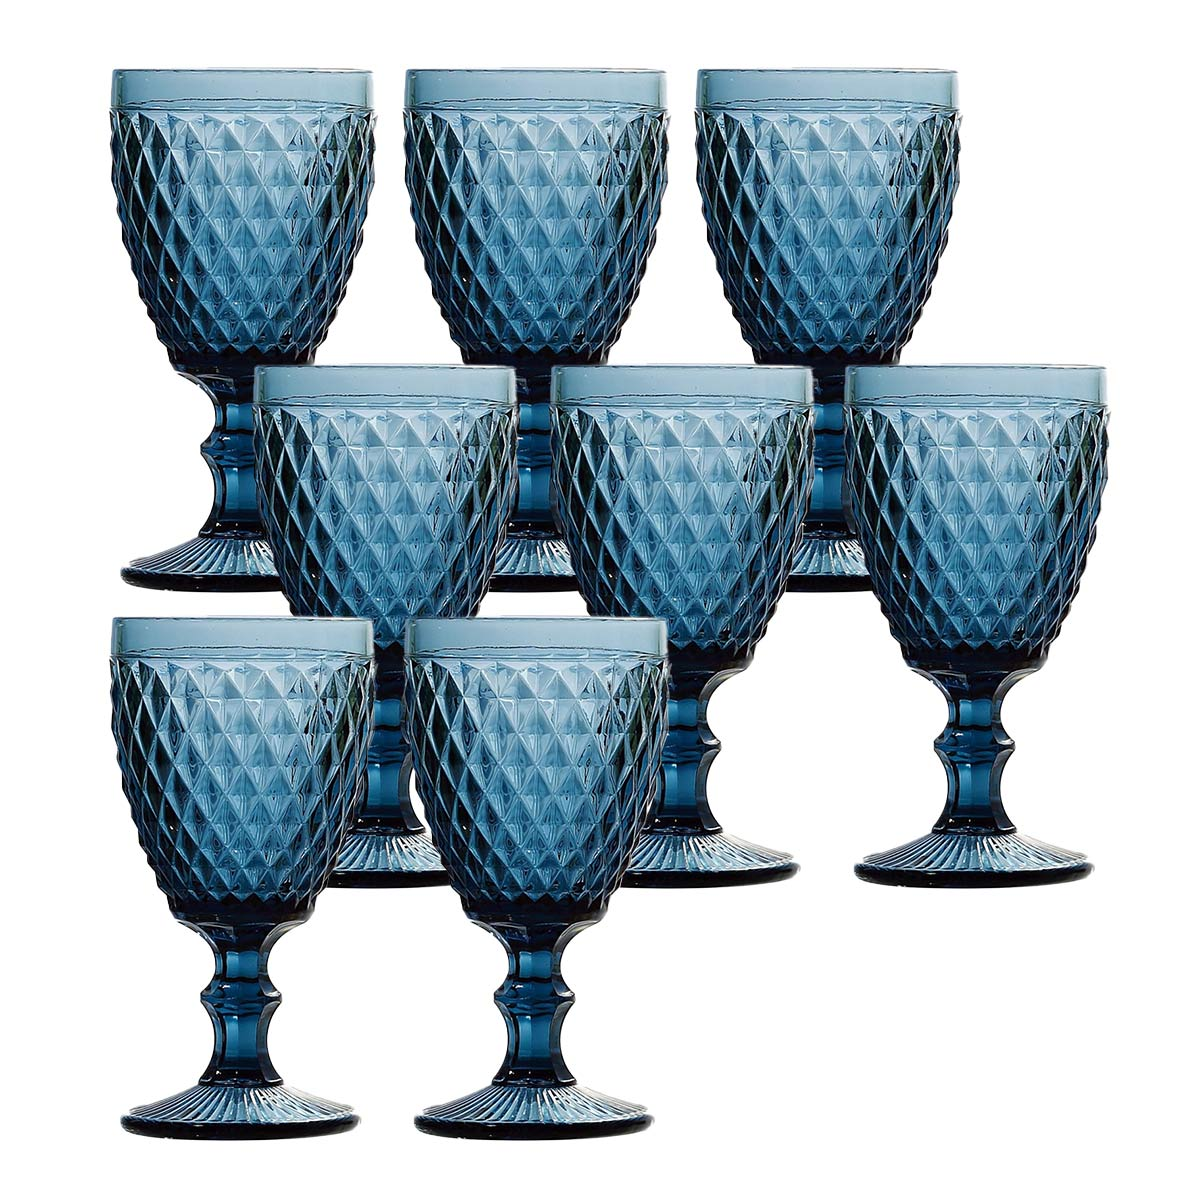 Jogo 8 Taças p/Água em Vidro Azul Bico de Abacaxi 260ml Lyor  - Lemis